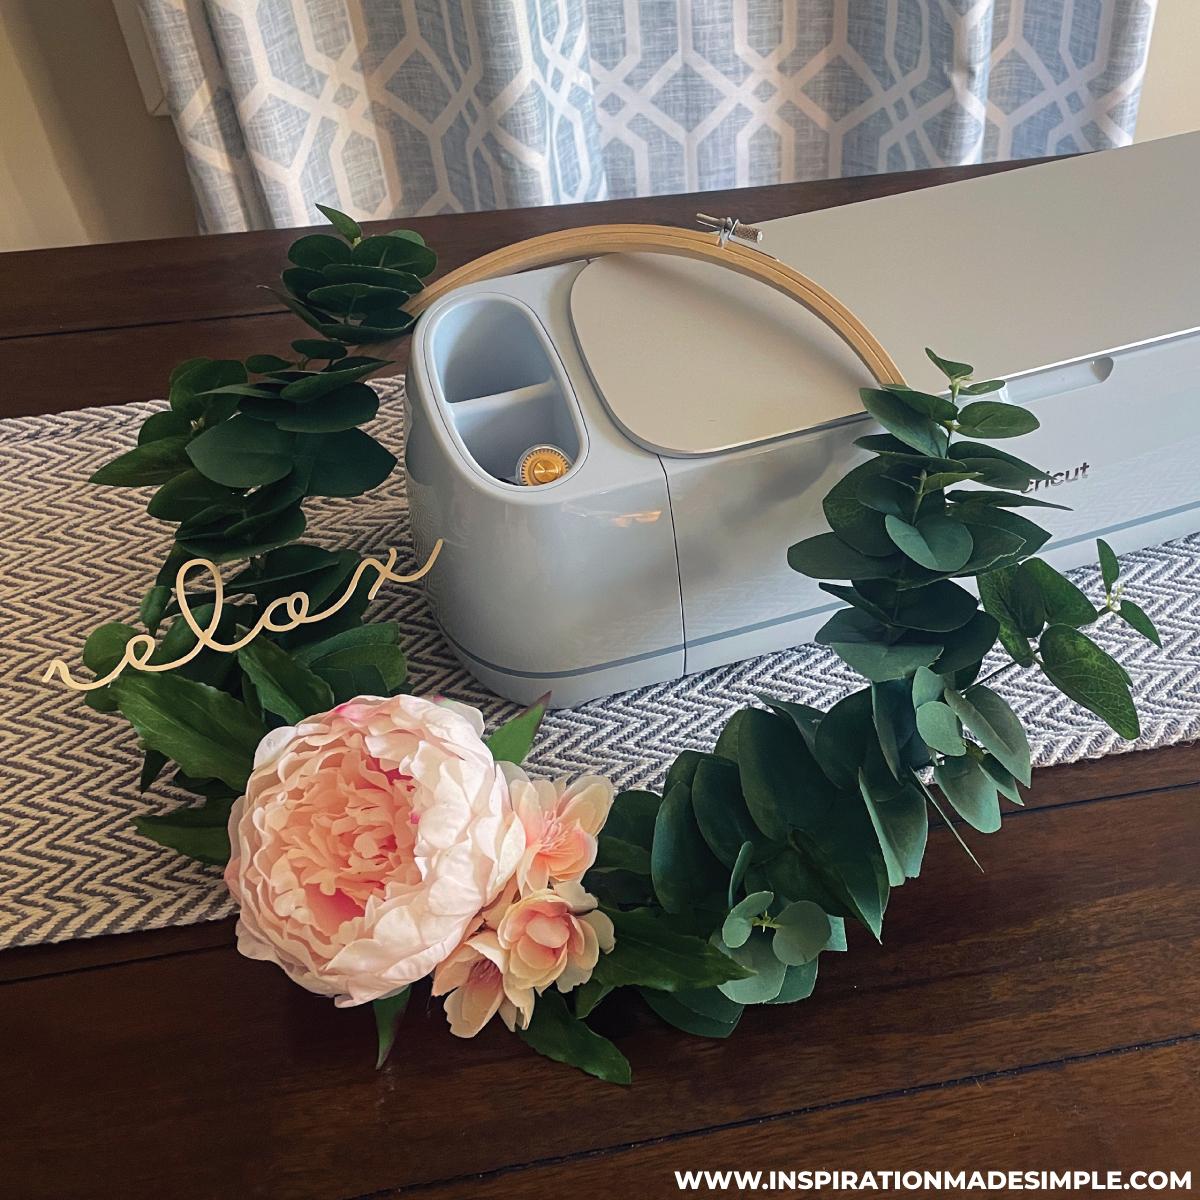 DIY Relax Bathroom Wreath